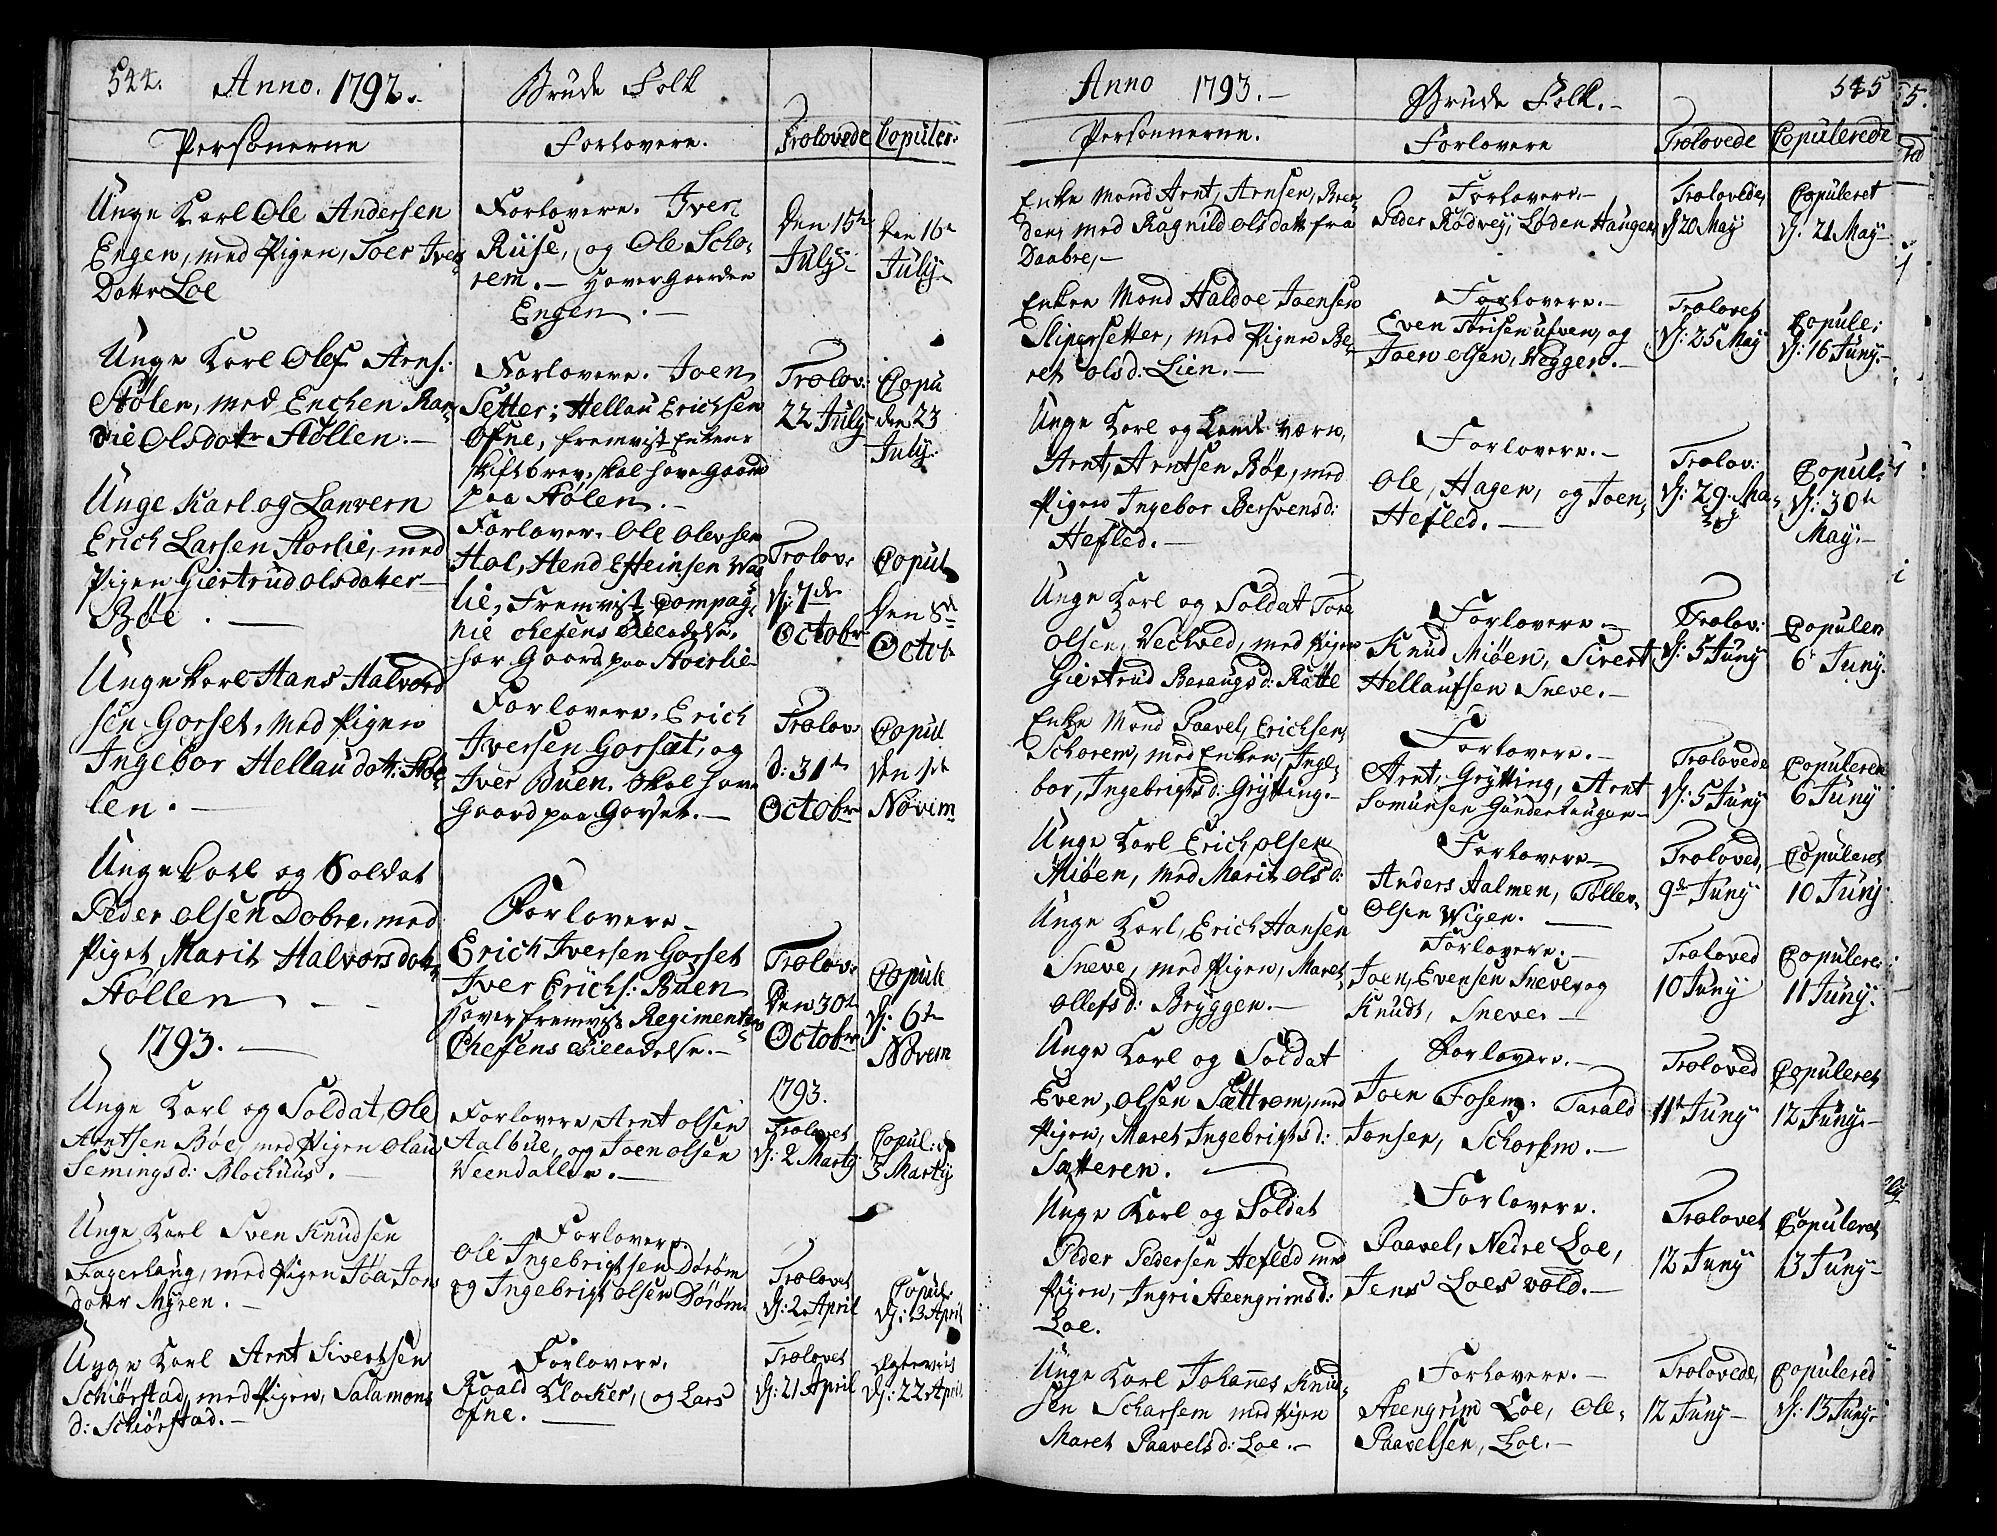 SAT, Ministerialprotokoller, klokkerbøker og fødselsregistre - Sør-Trøndelag, 678/L0893: Ministerialbok nr. 678A03, 1792-1805, s. 544-545